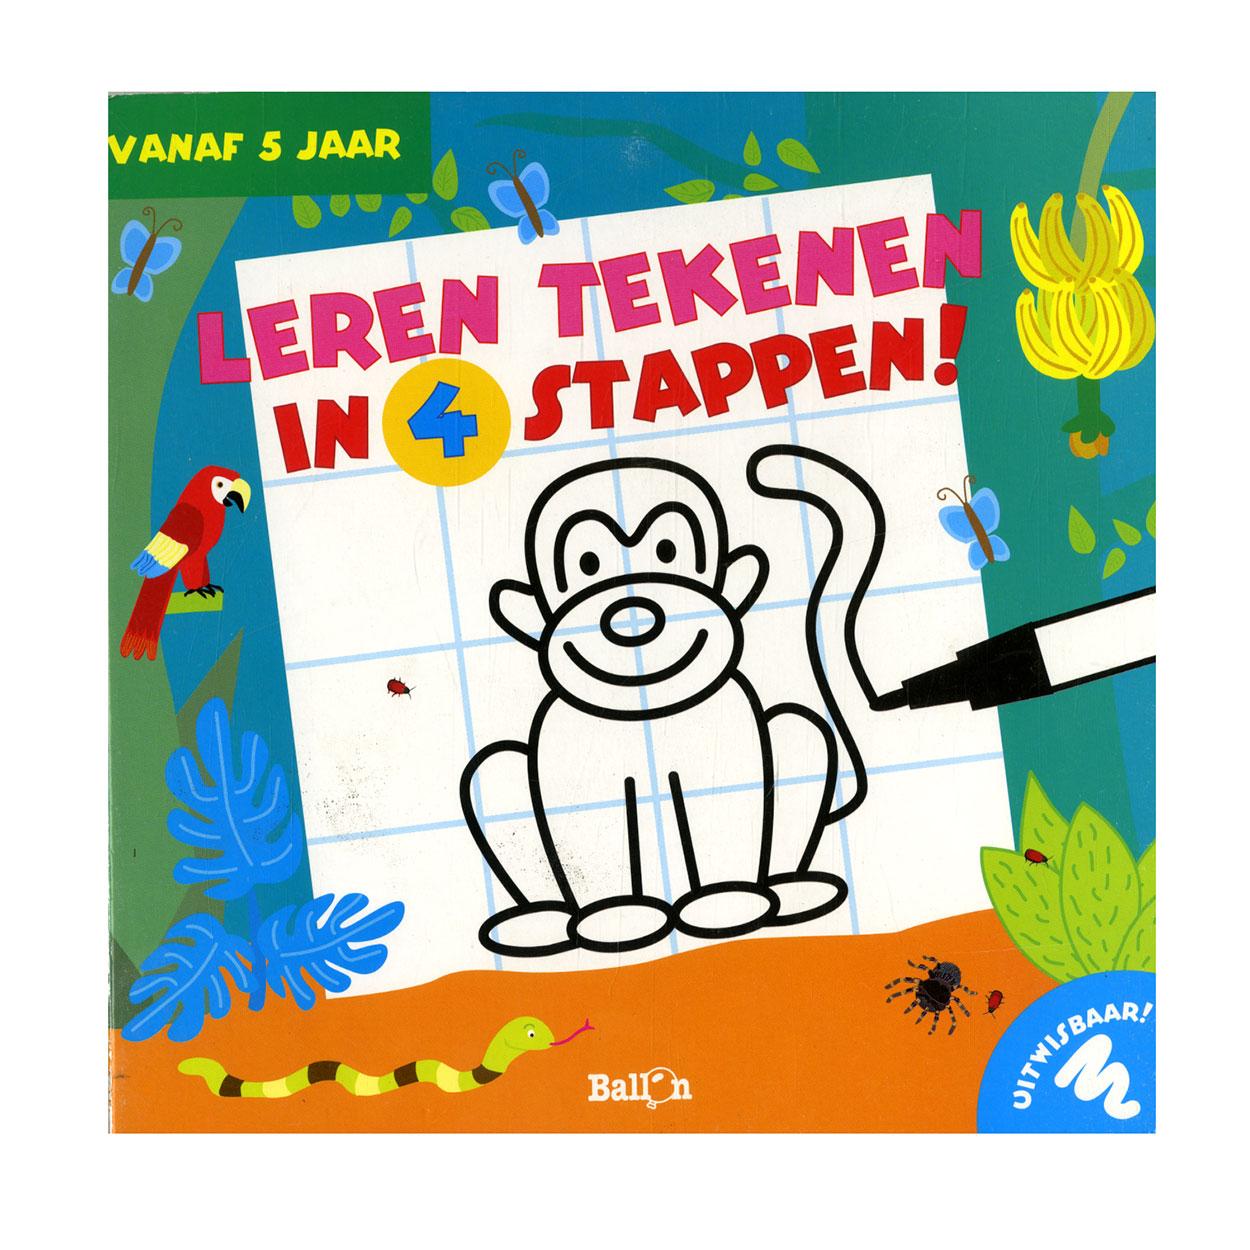 8fb31906c4a Leren Tekenen in 4 Stappen - Aap online kopen | Lobbes.nl